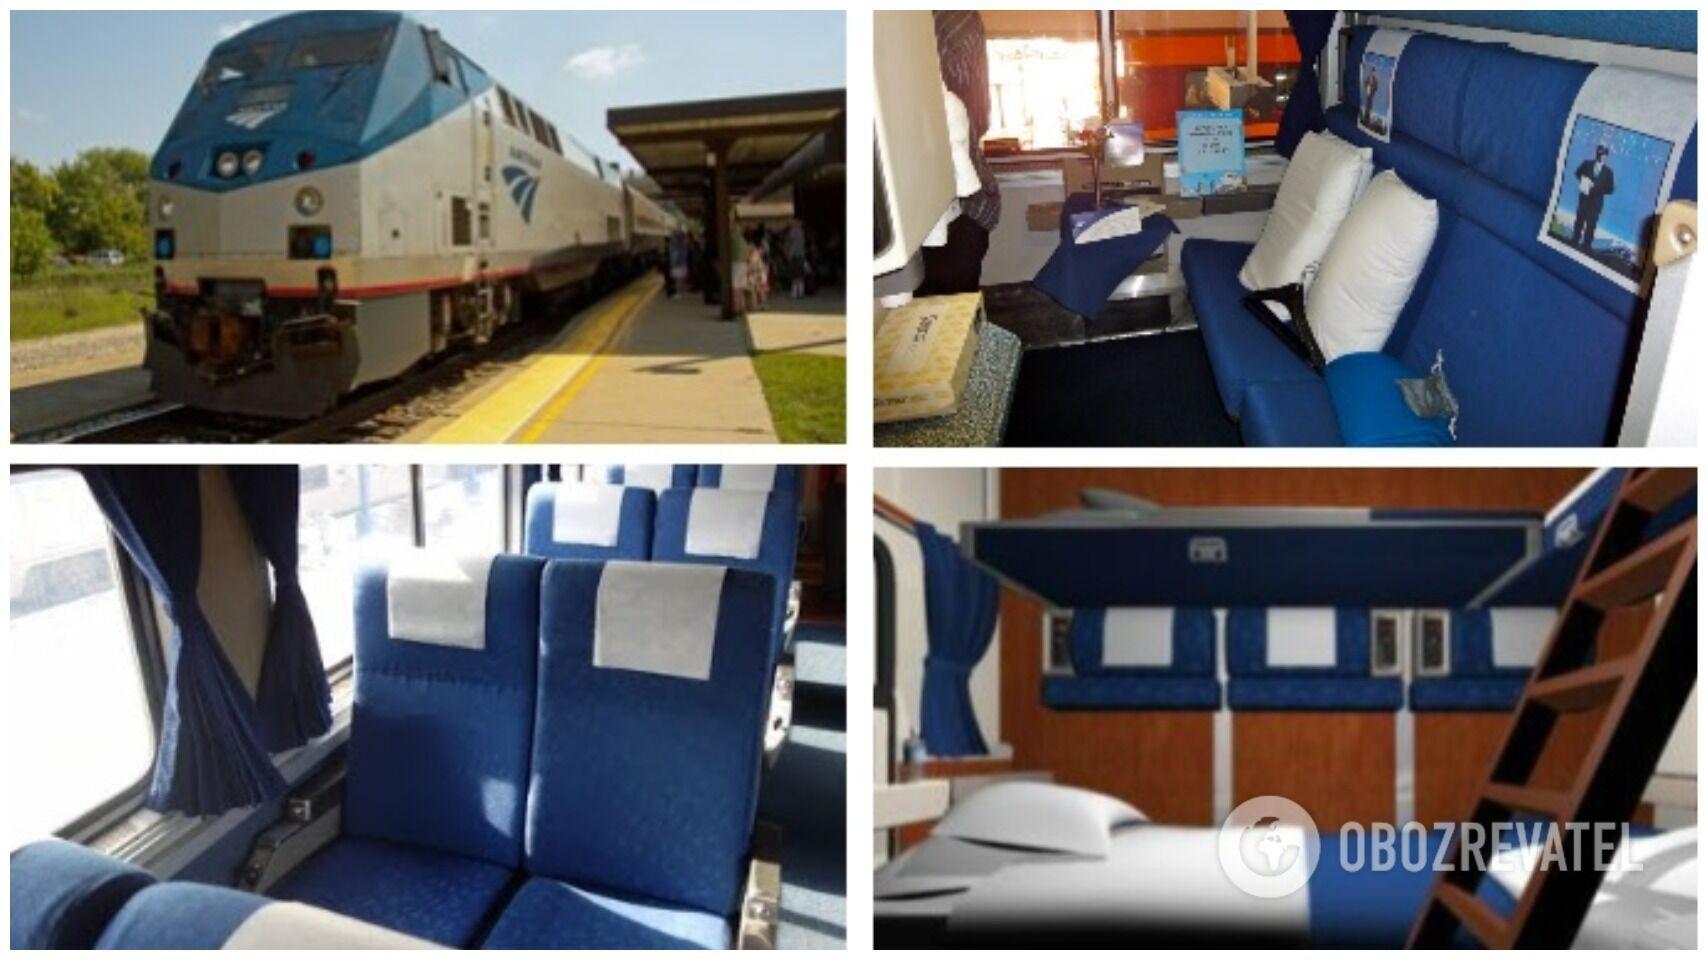 Квиток у спальний вагон в Сполучених Штатах коштує дорожче за квиток на літак